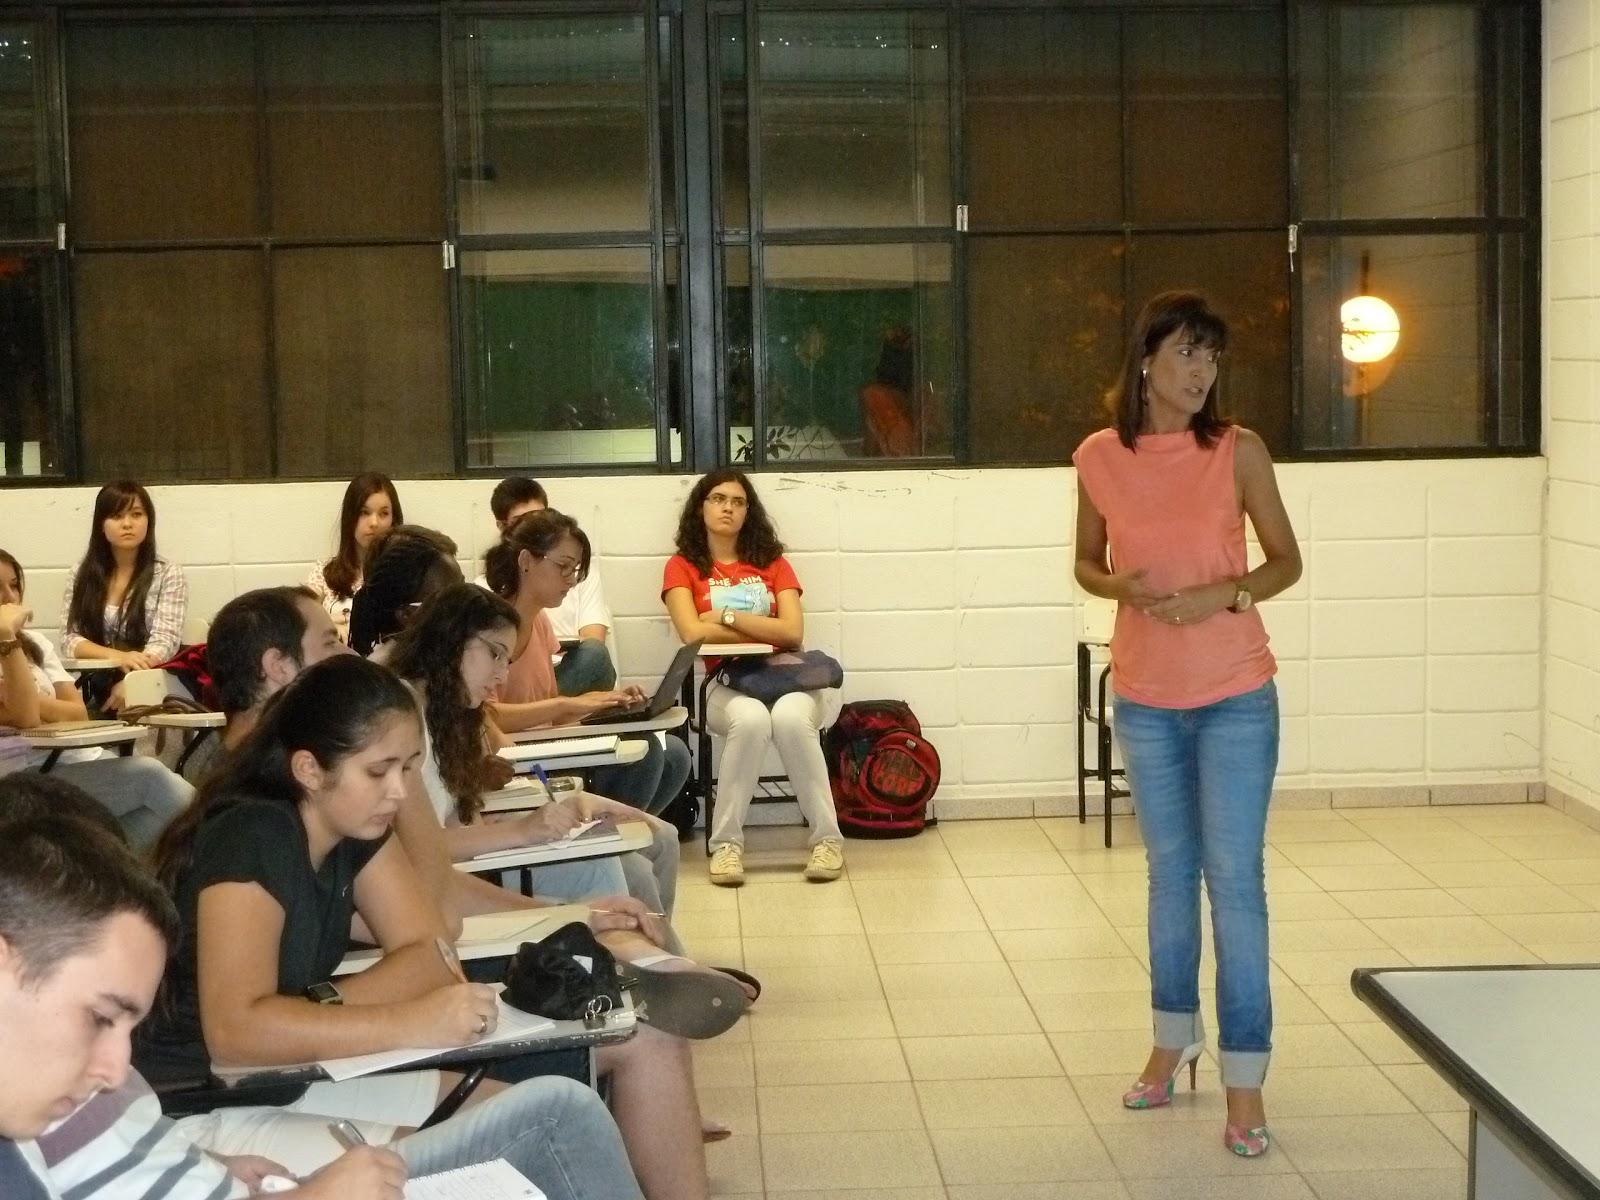 8599ace2c8f9e No dia 10 de abril, em Bauru-SP, a assessora de comunicação da Sabesp,  Cláudia Regina Garcia Bertoni, realizou para os alunos do primeiro ano do  curso de ...